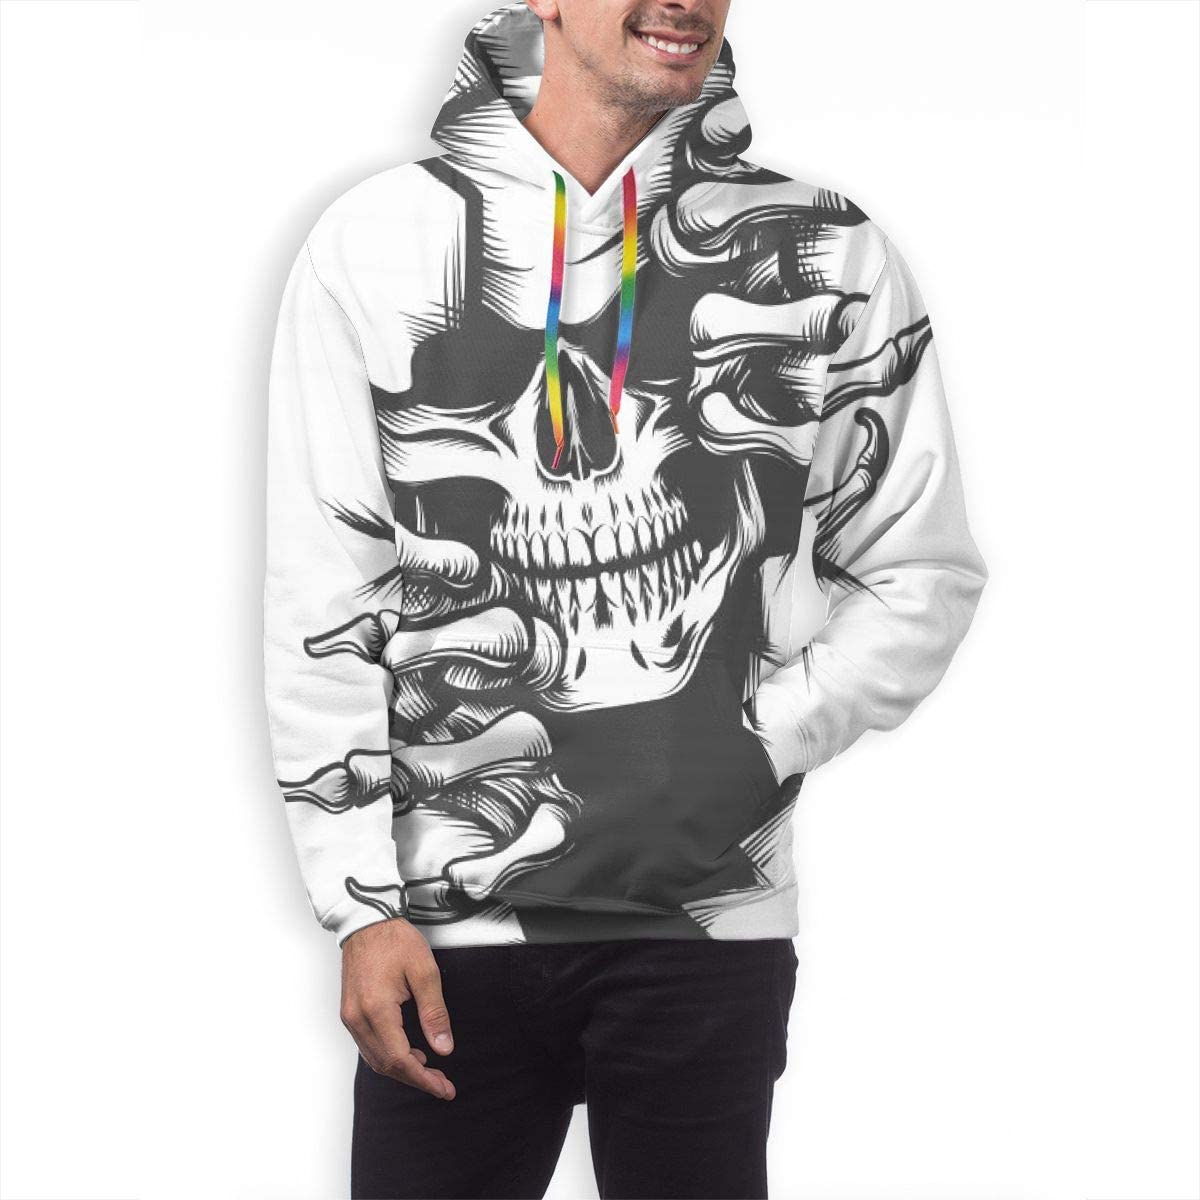 Mens Hoodie Human Skull Peeping Through Hole Sweate Sweatshirt Mens Casual Hoodie Casual Top Hooded